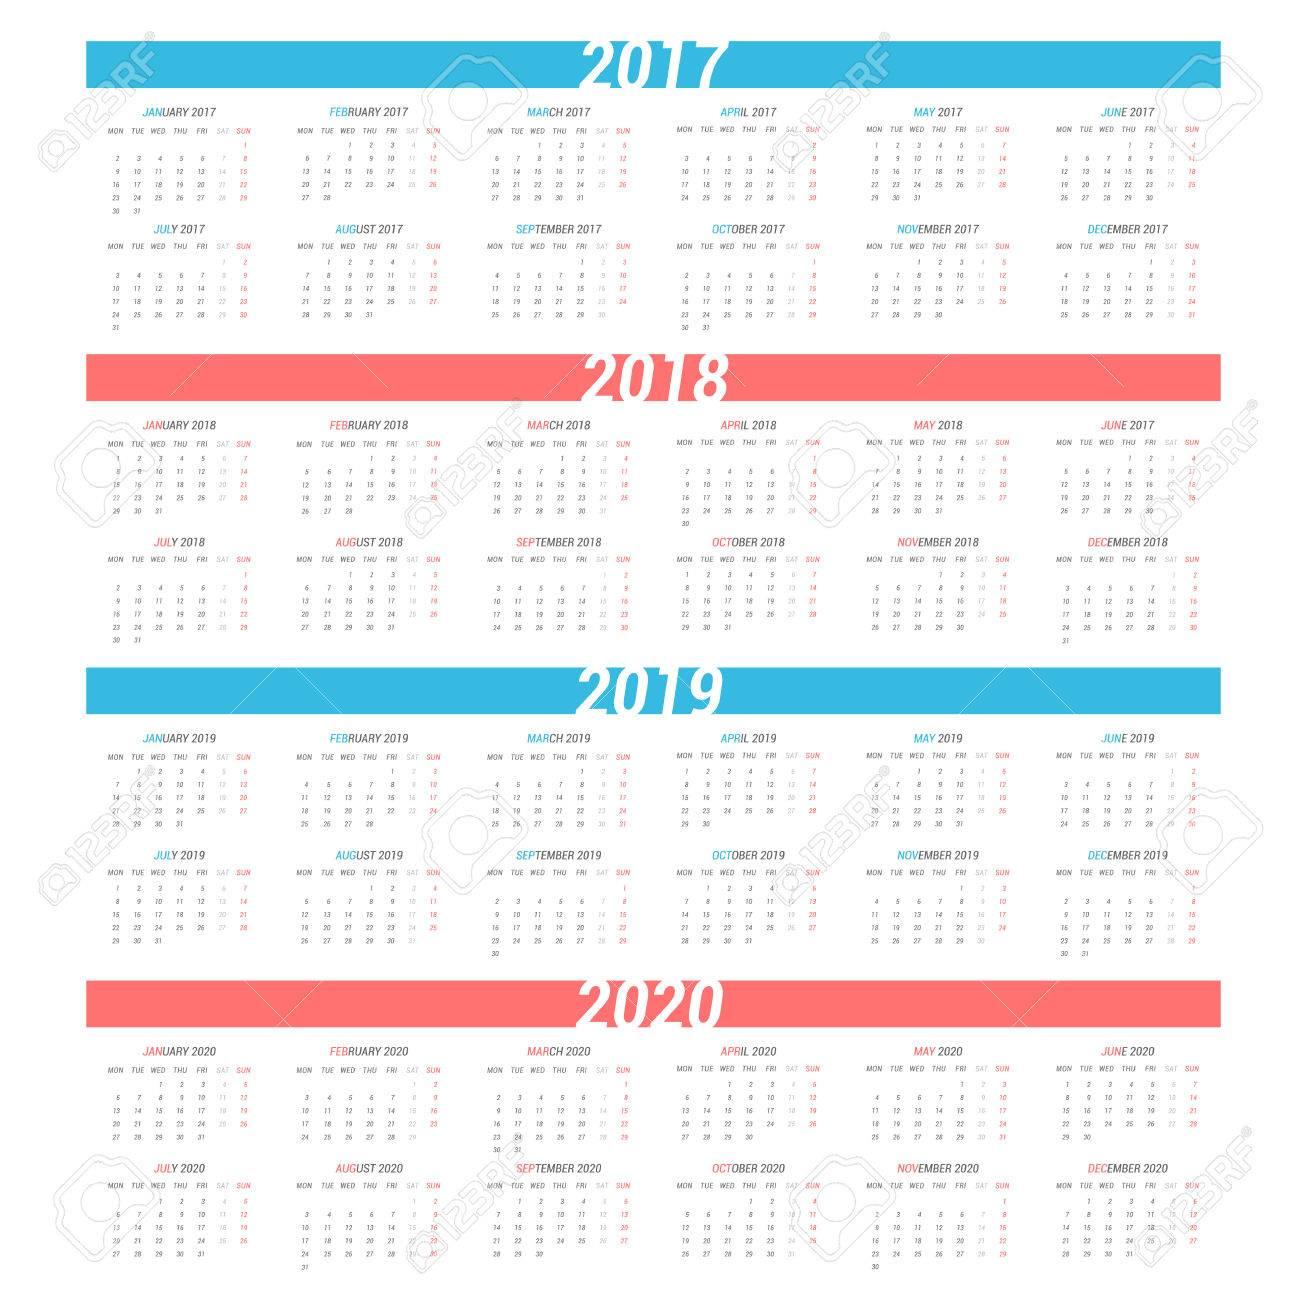 Calendario Por Semanas 2020.Calendario Simple Por 4 Anos 2017 2018 2019 2020 La Semana Comienza El Lunes